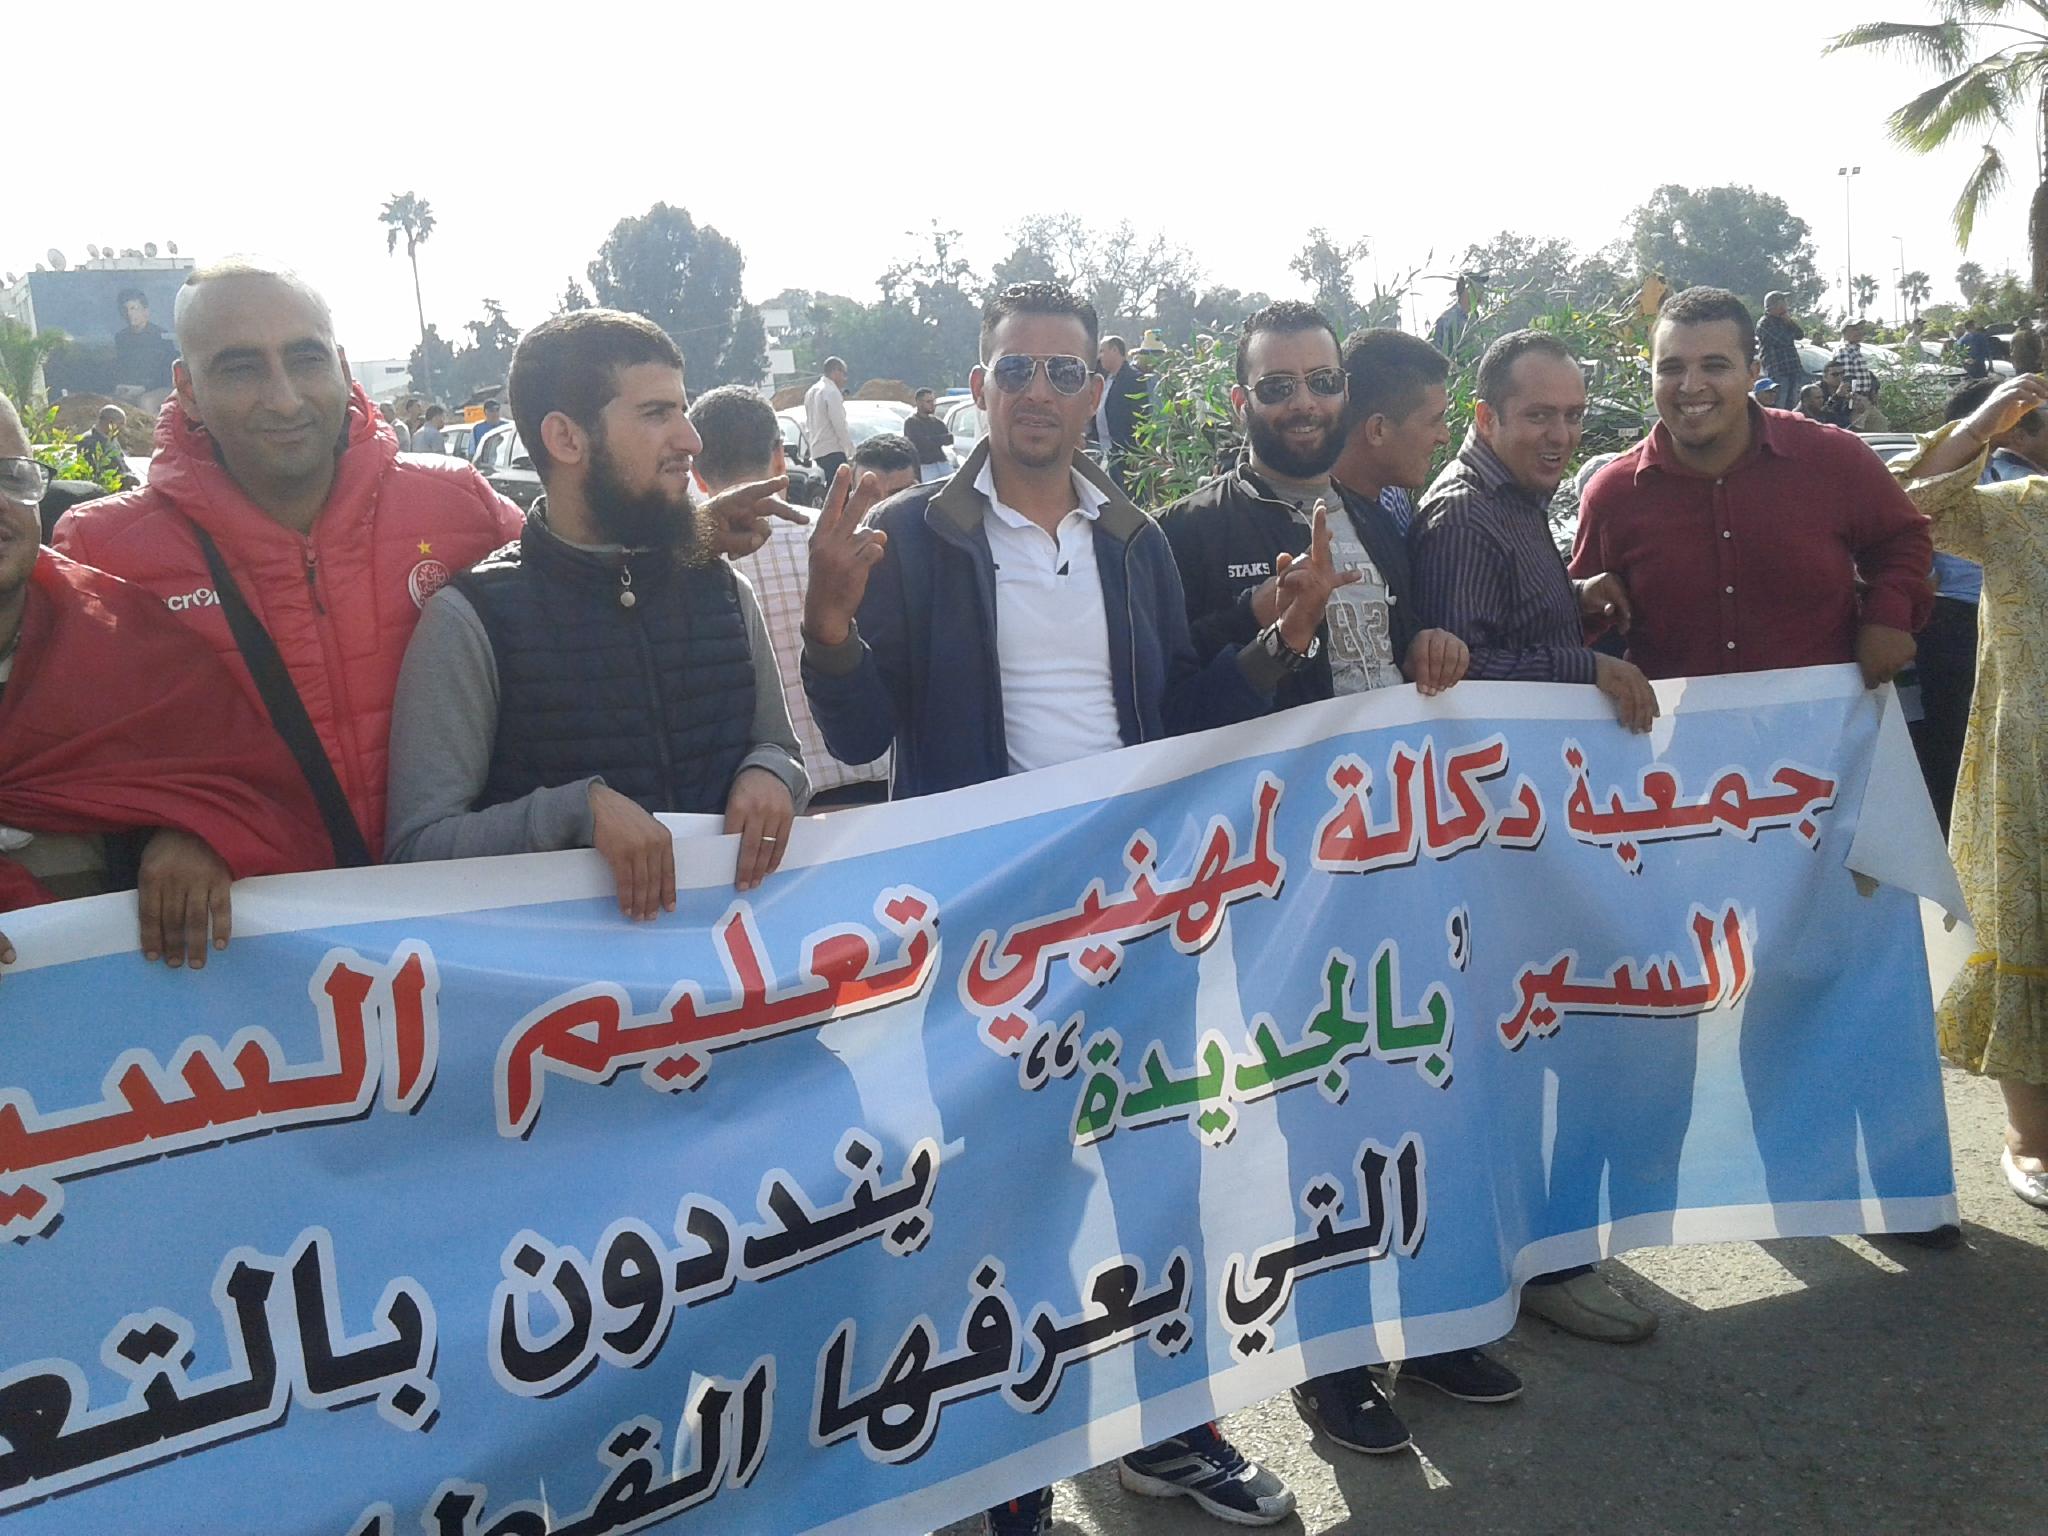 بالفيديو:أرباب سيارات تعليم السياقة بالمغرب ينفدون وقفة احتجاجية أمام وزارة النقل بالرباط